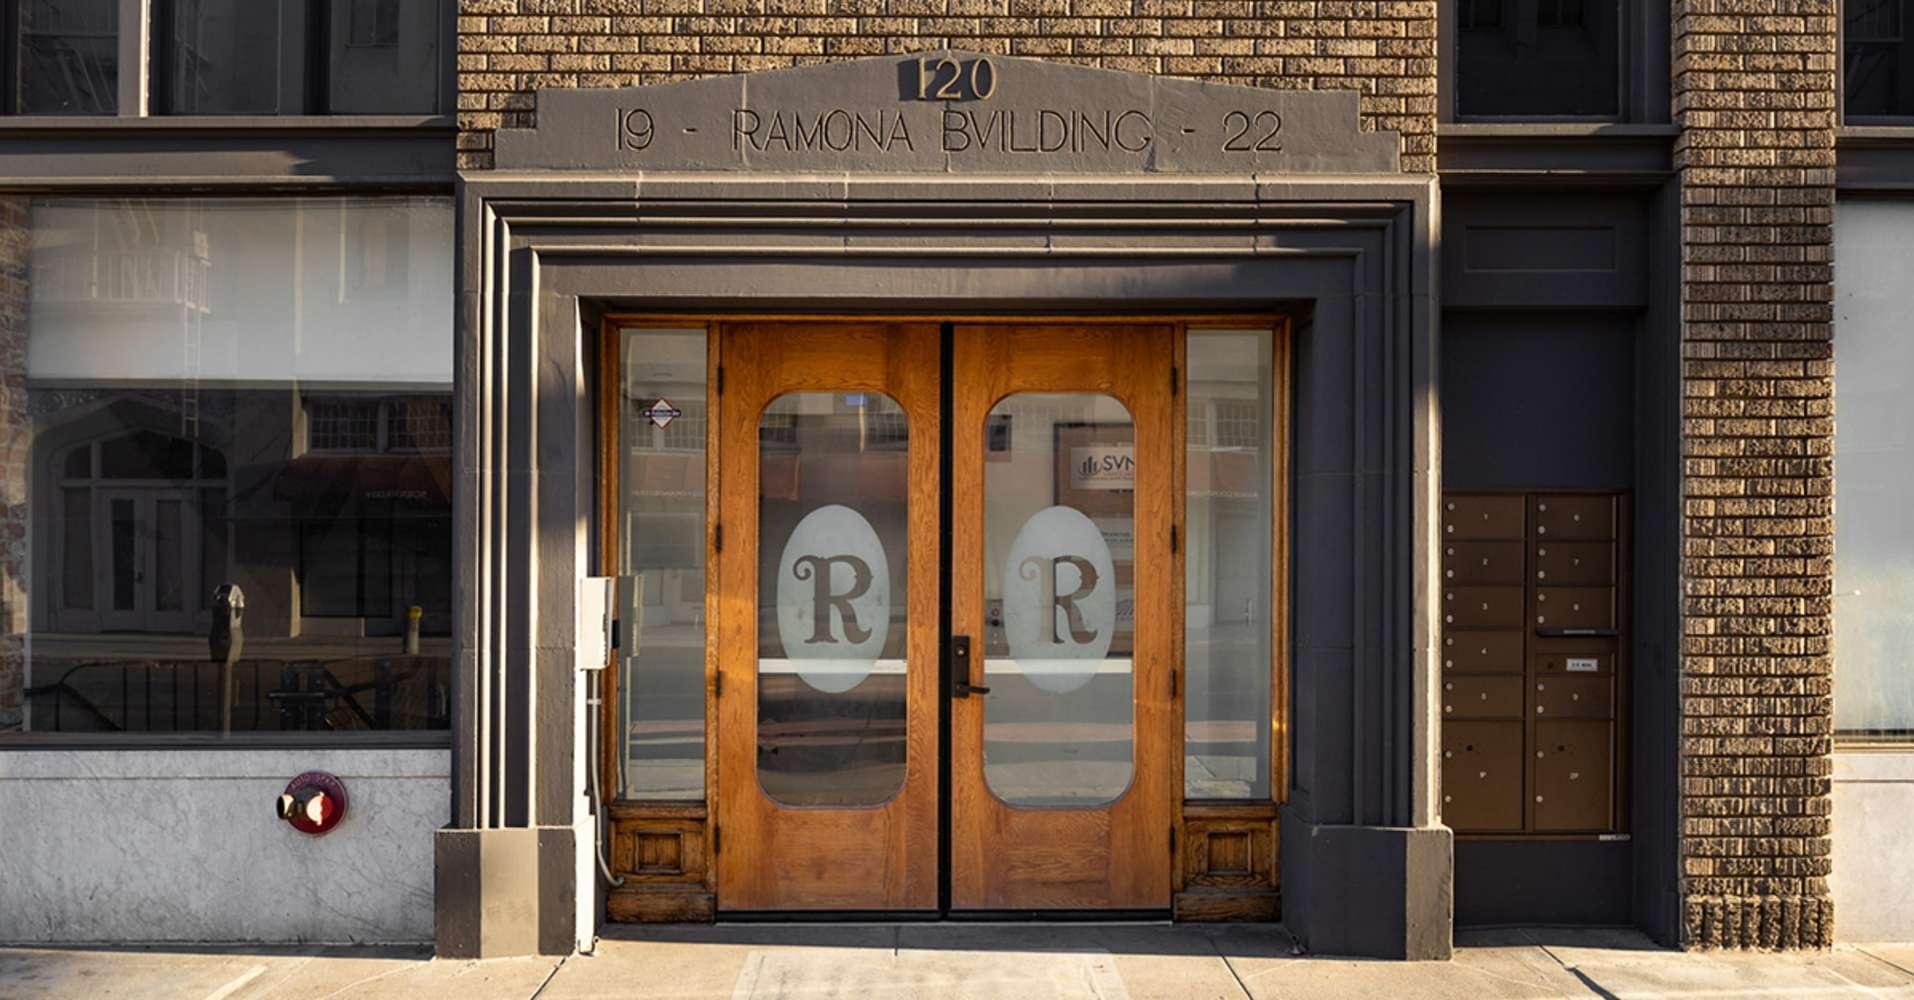 Office Santa ana, 92701 - The Ramona Building